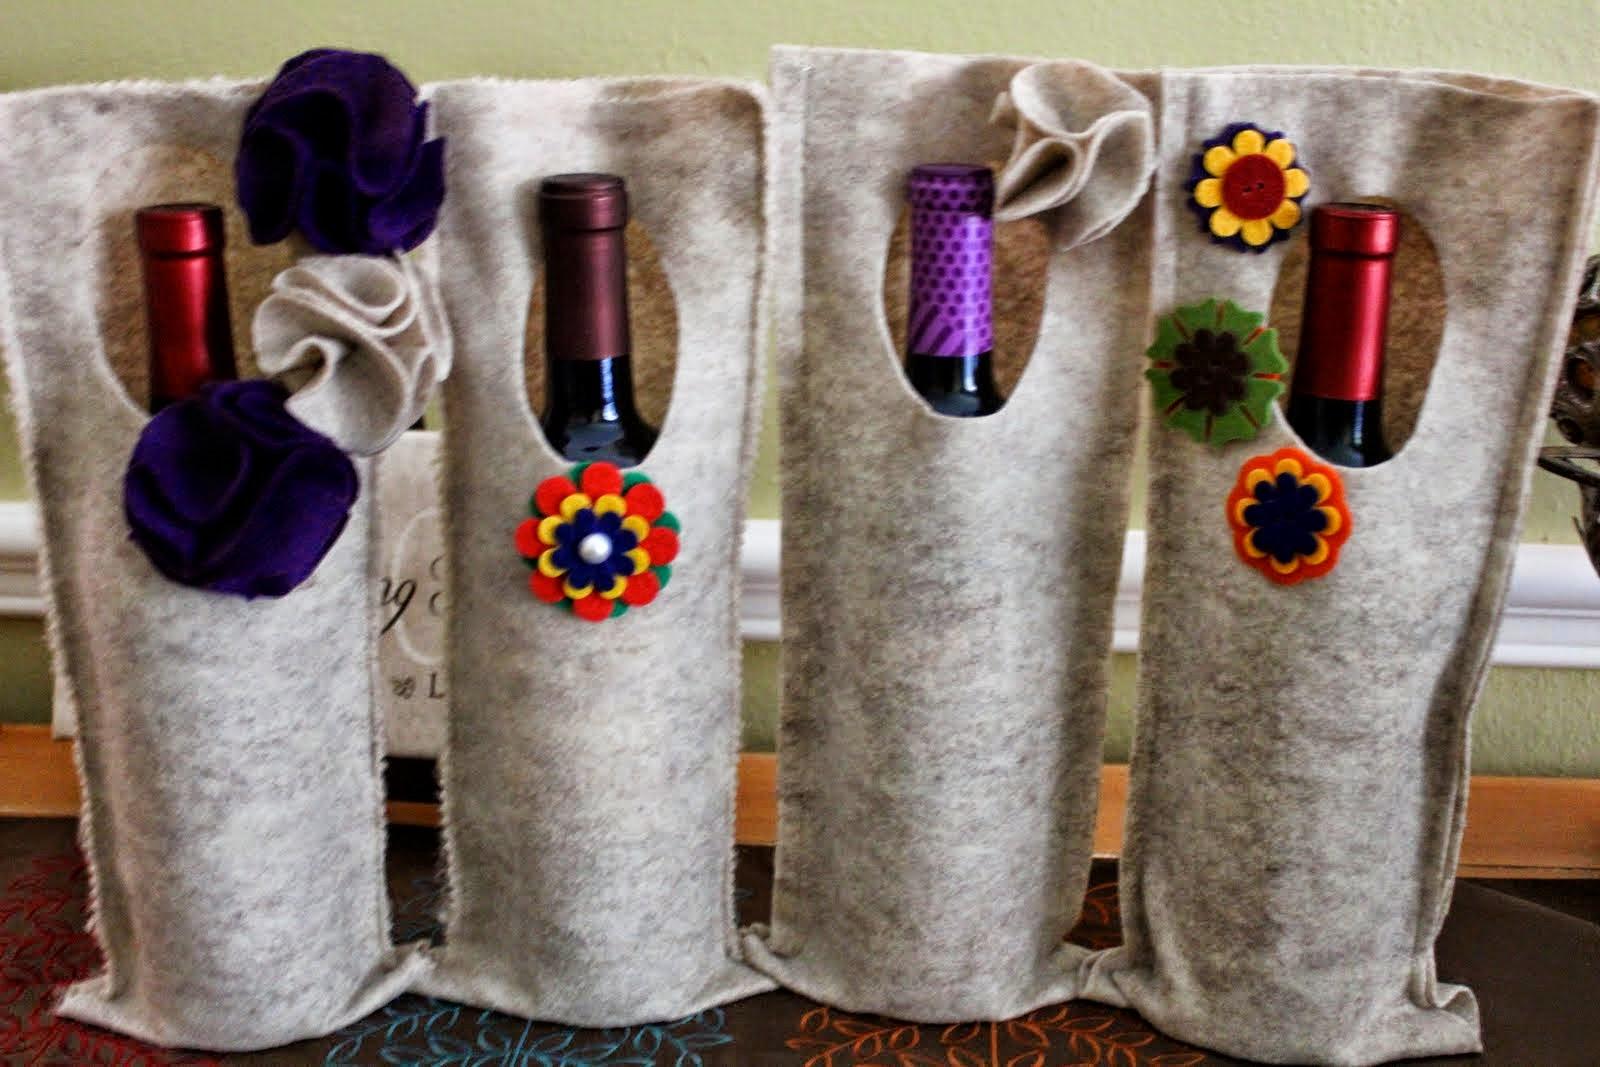 embalagens criativas para bebidas - dia dos namorados